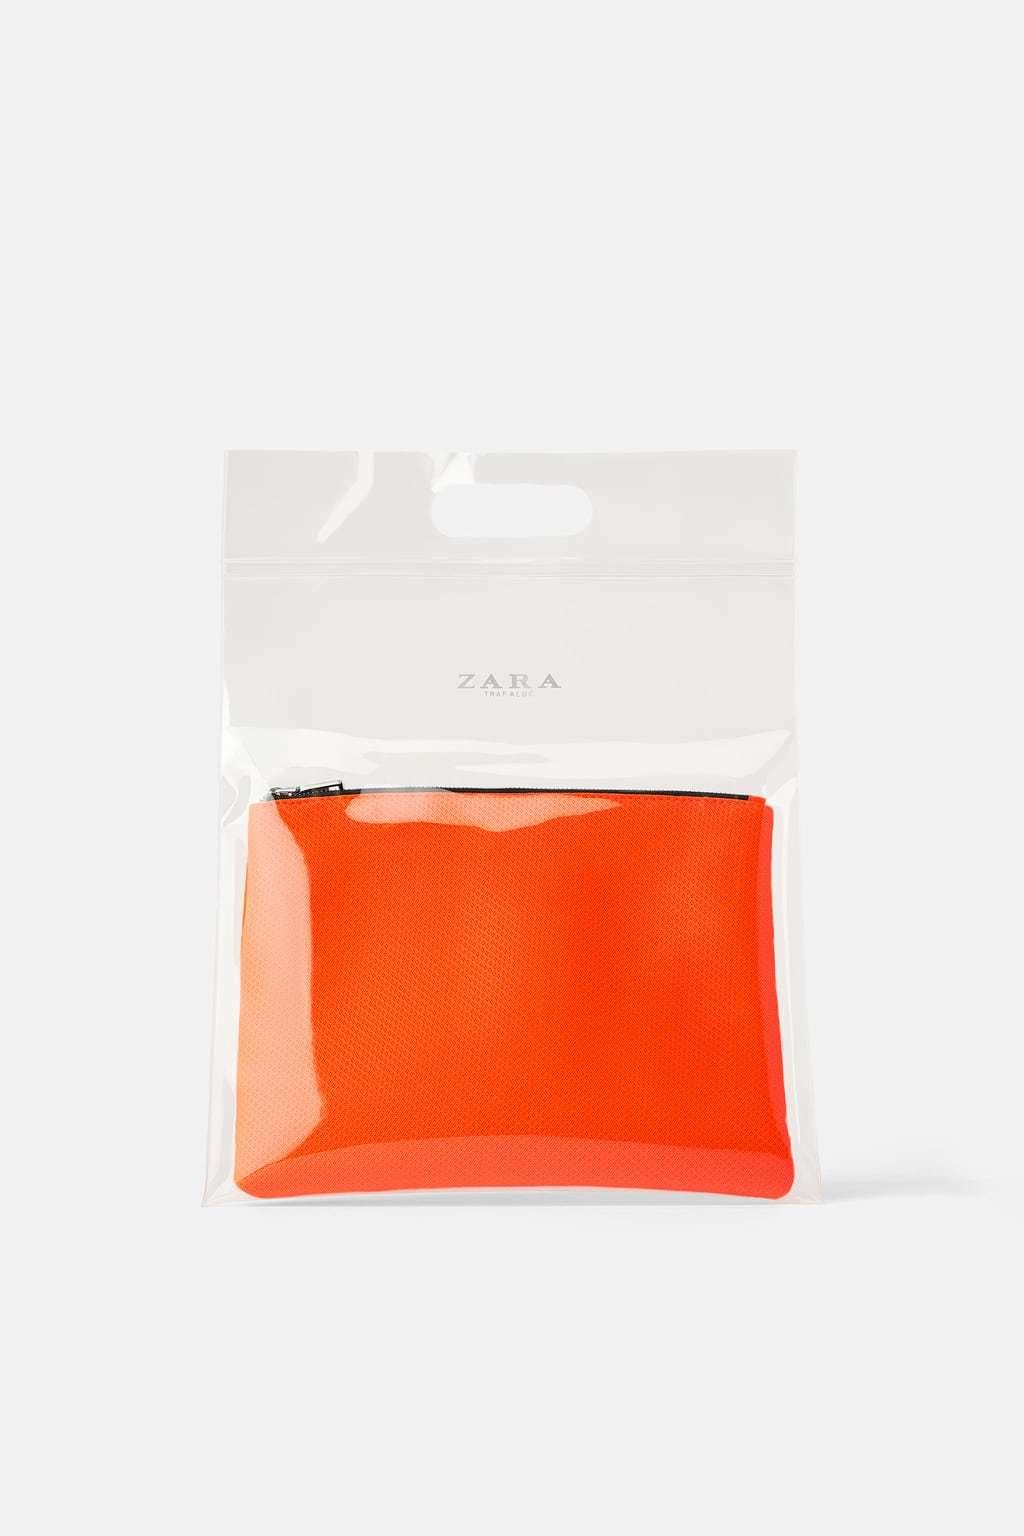 Bolso combinado transparente y naranja, de Zara.